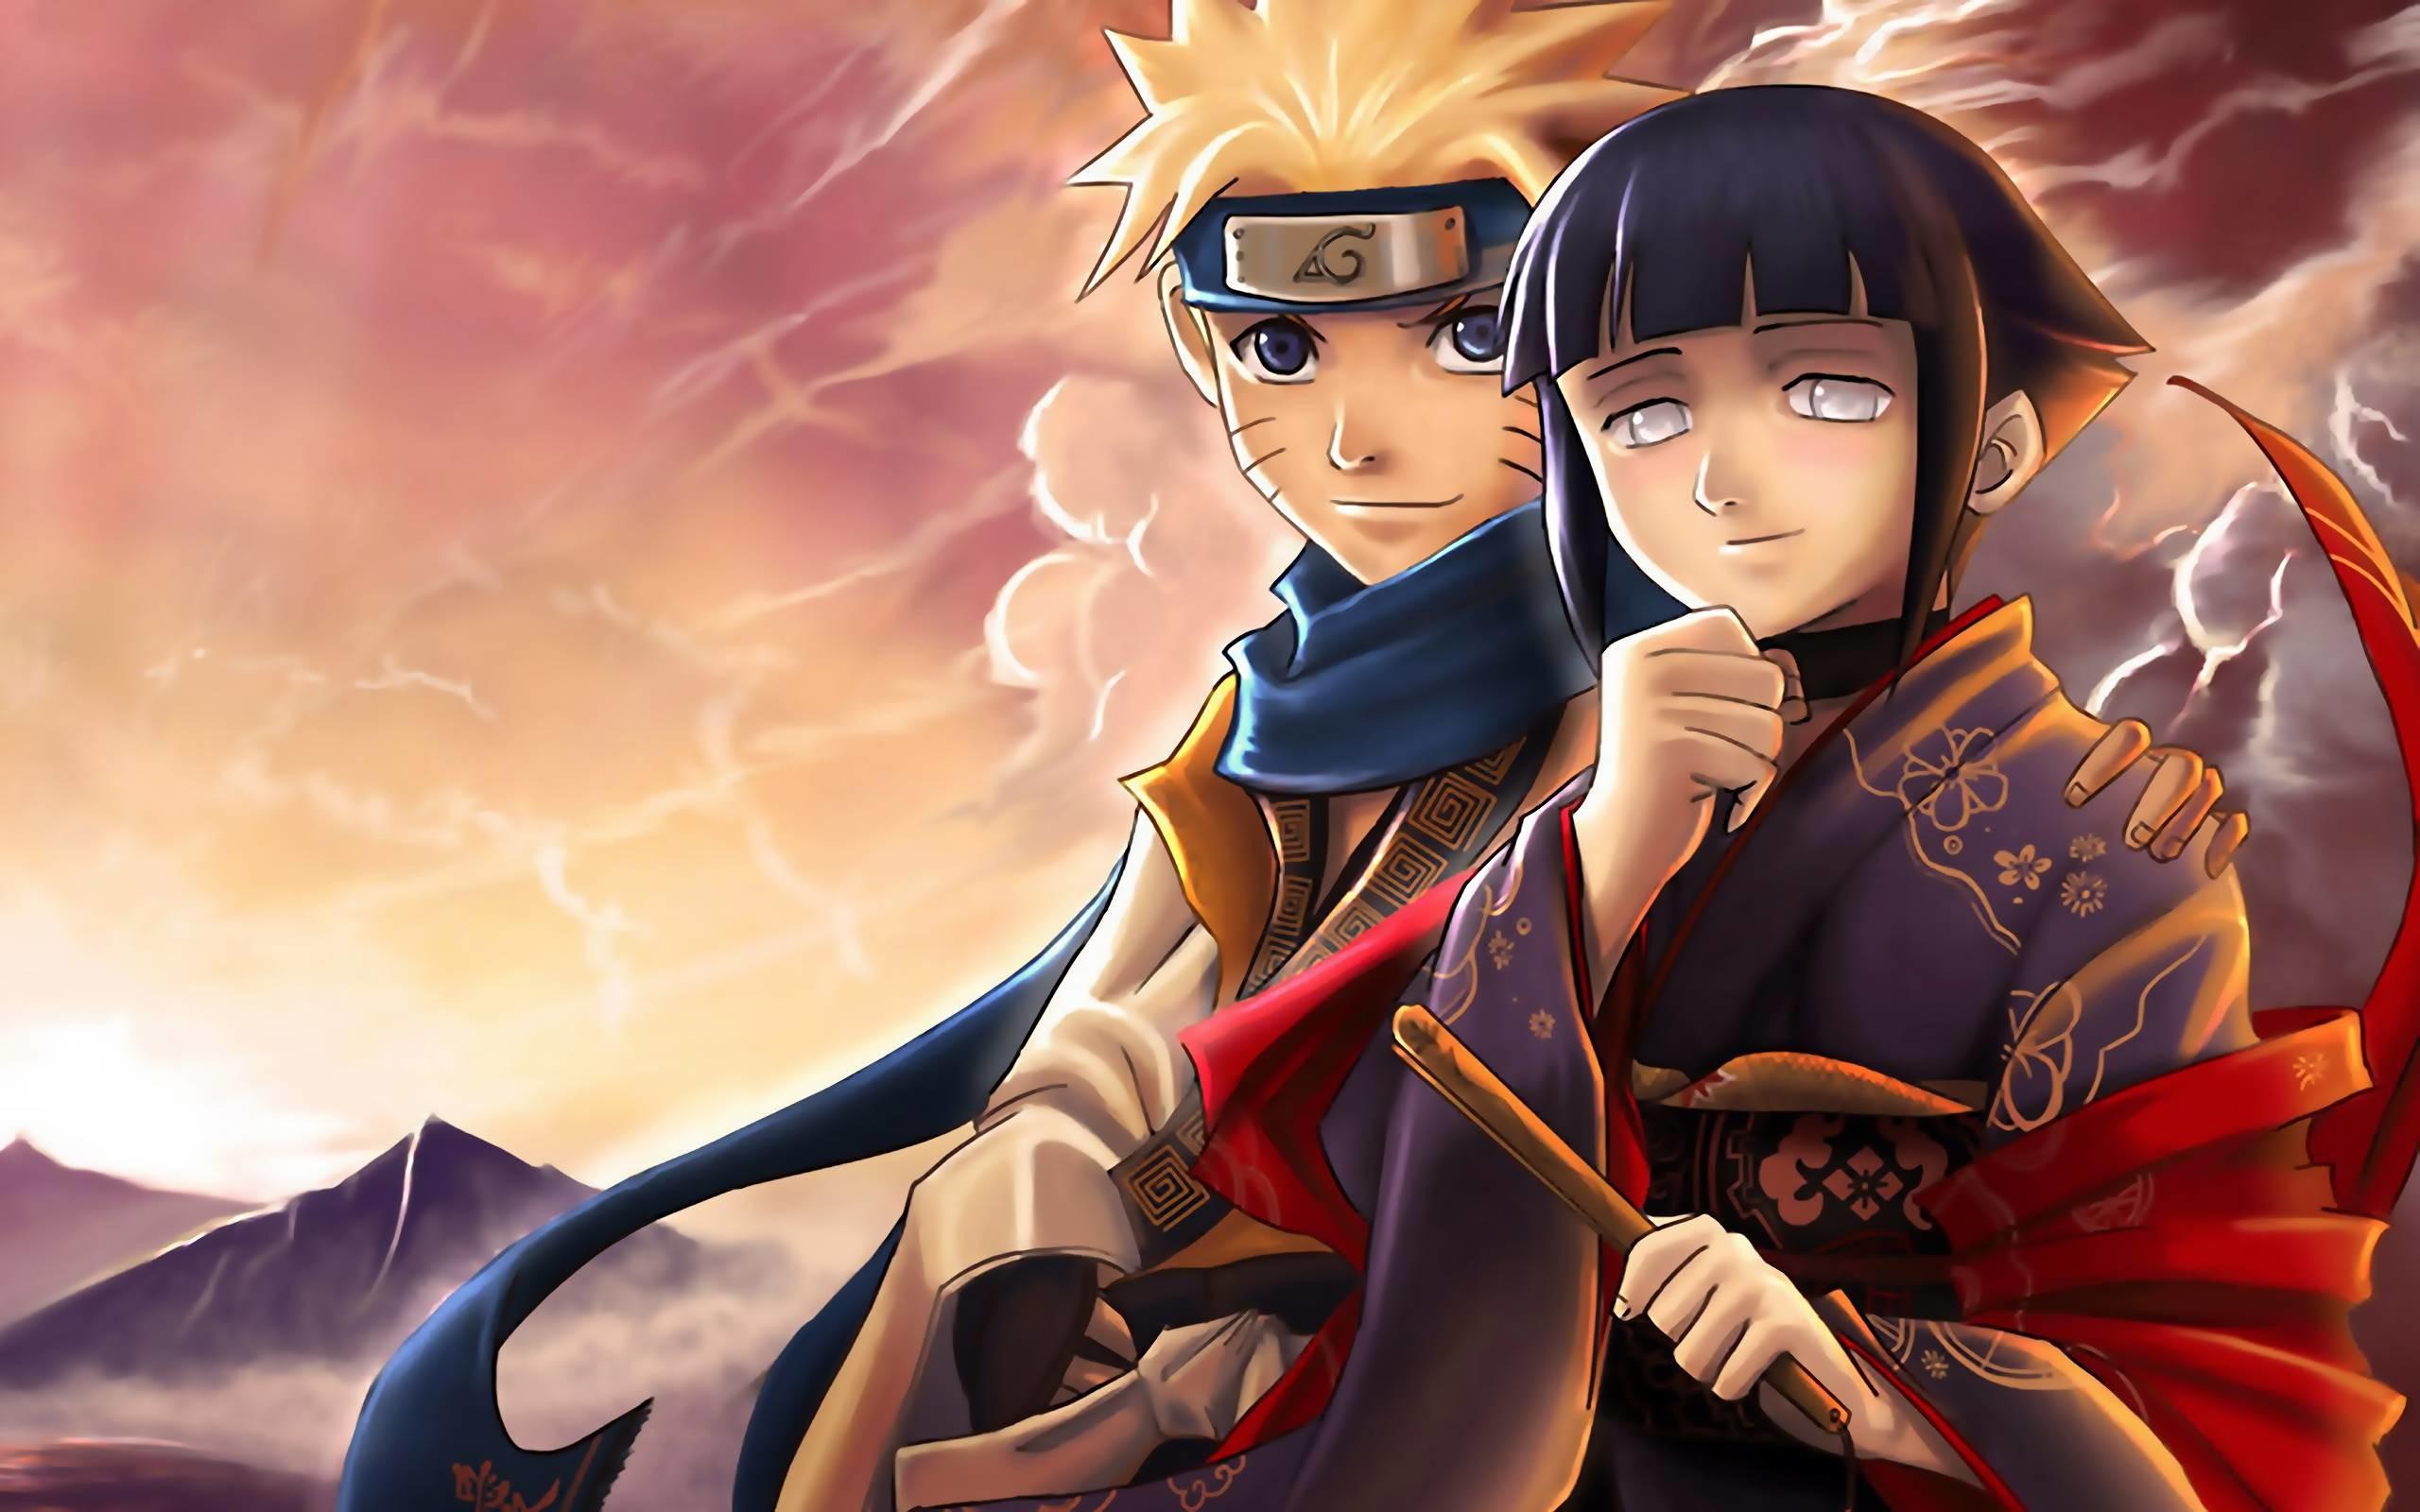 Download Wallpaper Naruto Love - 1114450-naruto-love-hinata-wallpaper-2560x1600-macbook  Image_78268.jpg